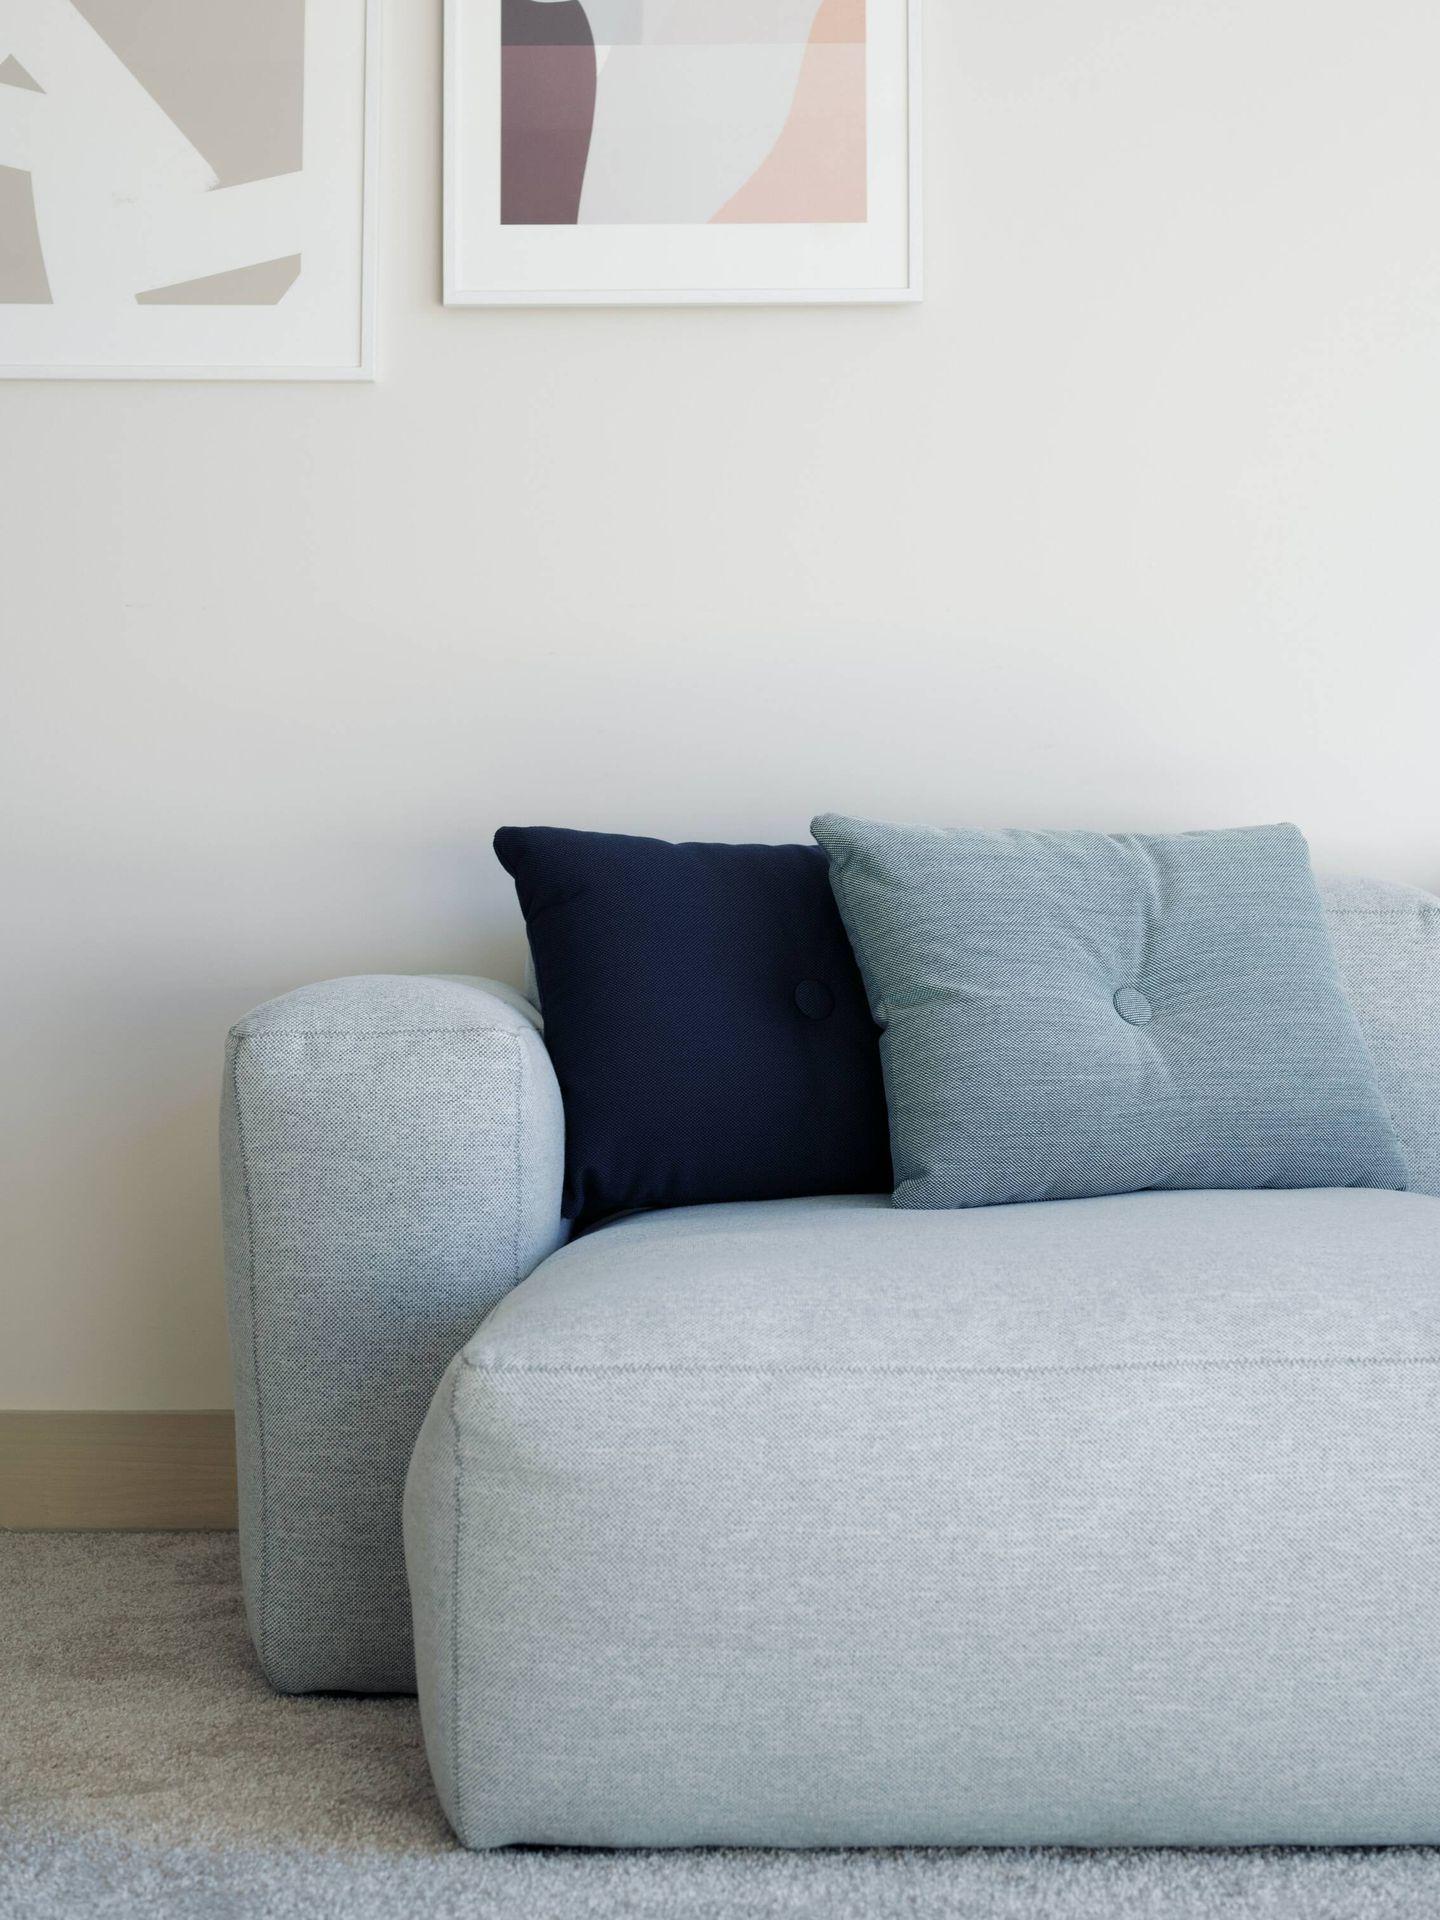 Decora tu casa con colores antiestrés. (Blocks para Unsplash)